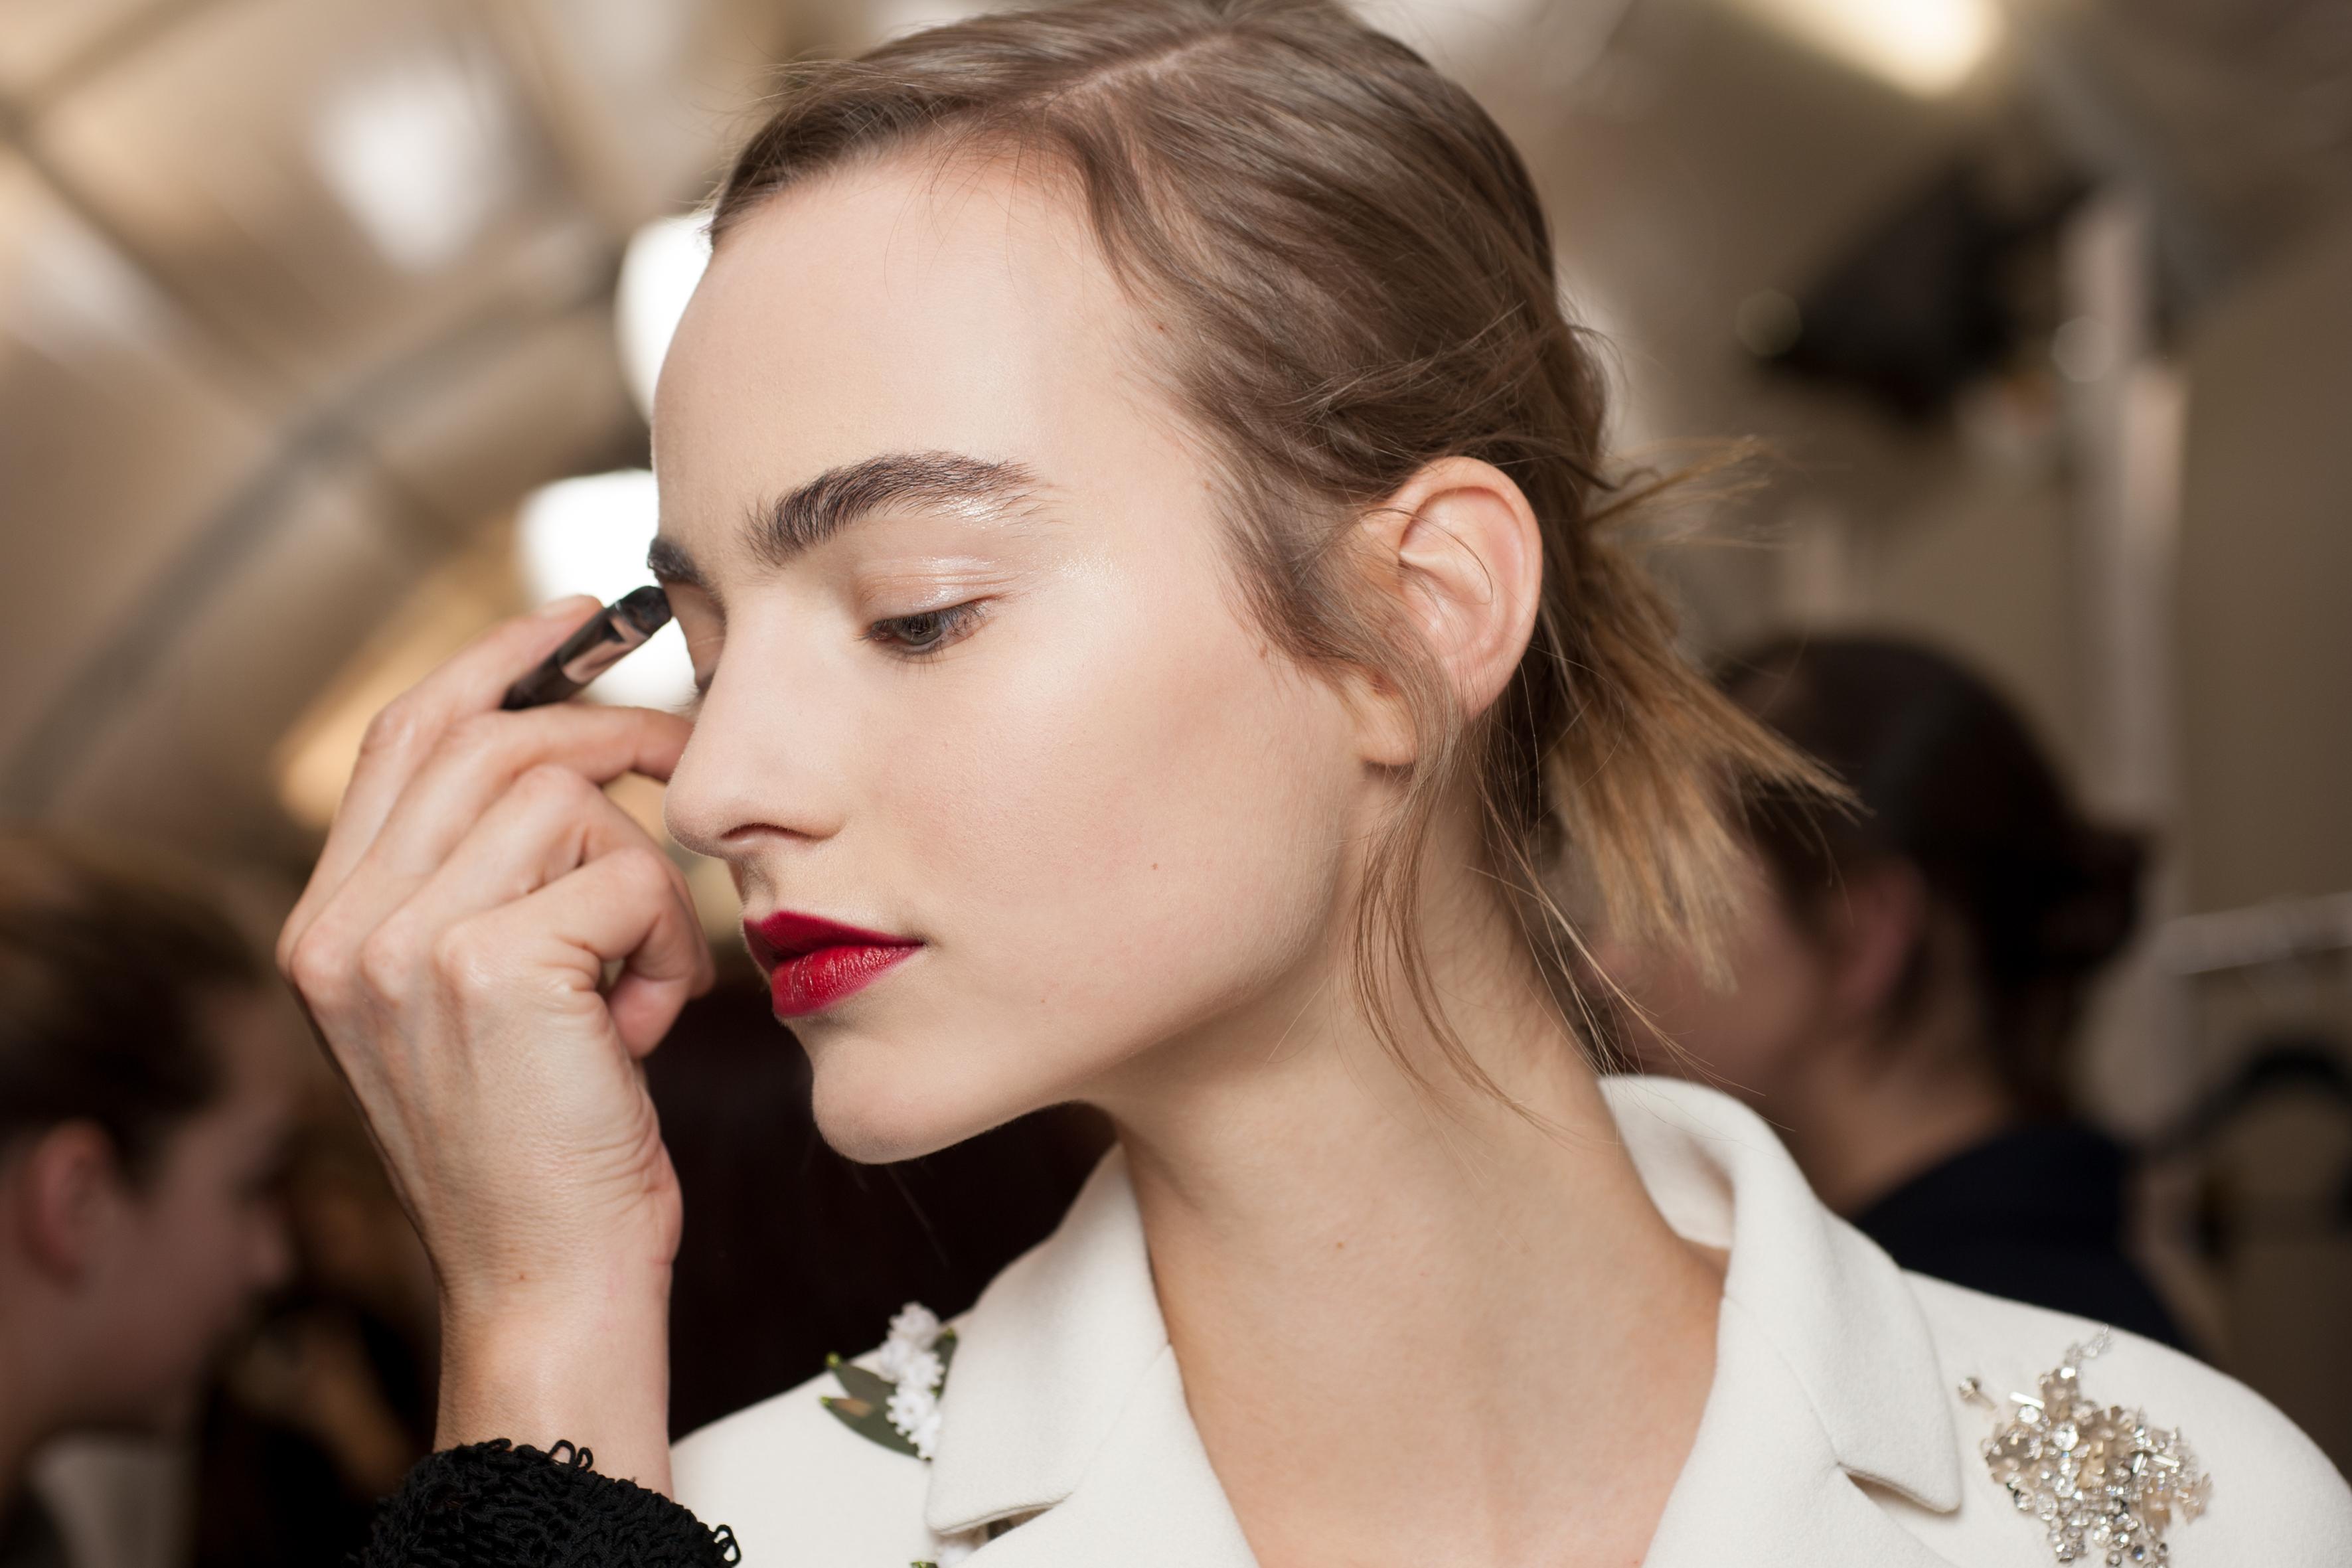 Le rouge parfait: close na beleza da couture da Dior, verão 2016